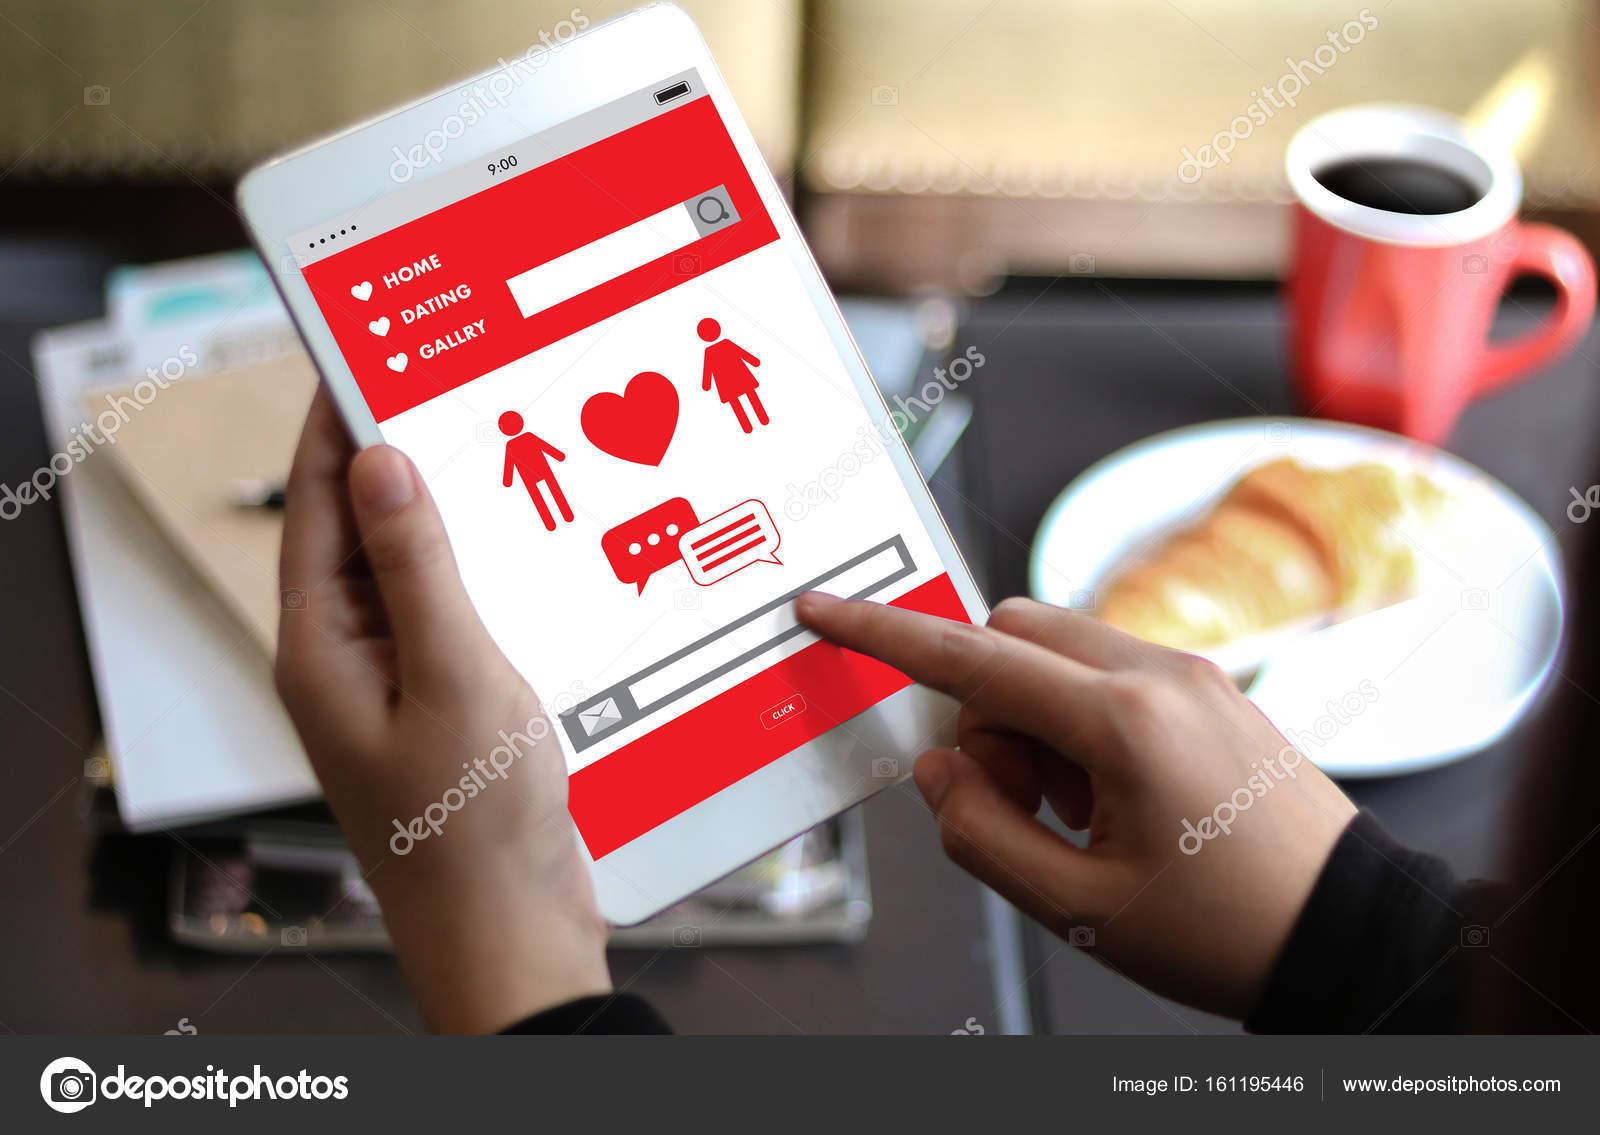 συμβουλές σχετικά με το online dating